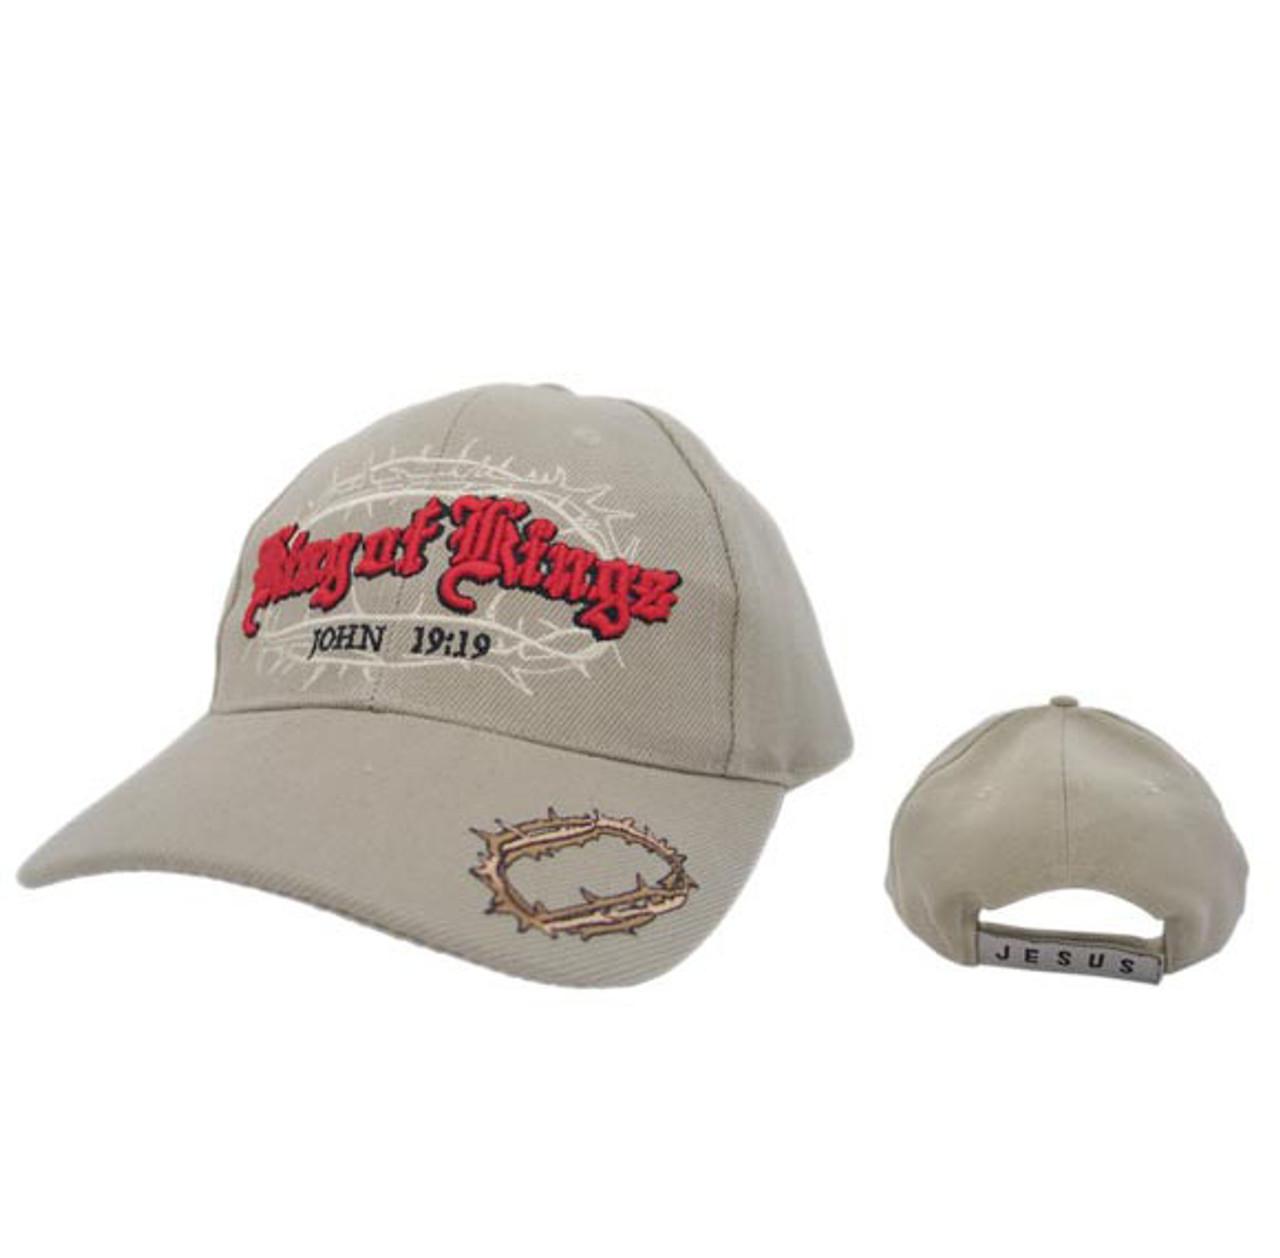 Wholesale Baseball Caps | King of Kings